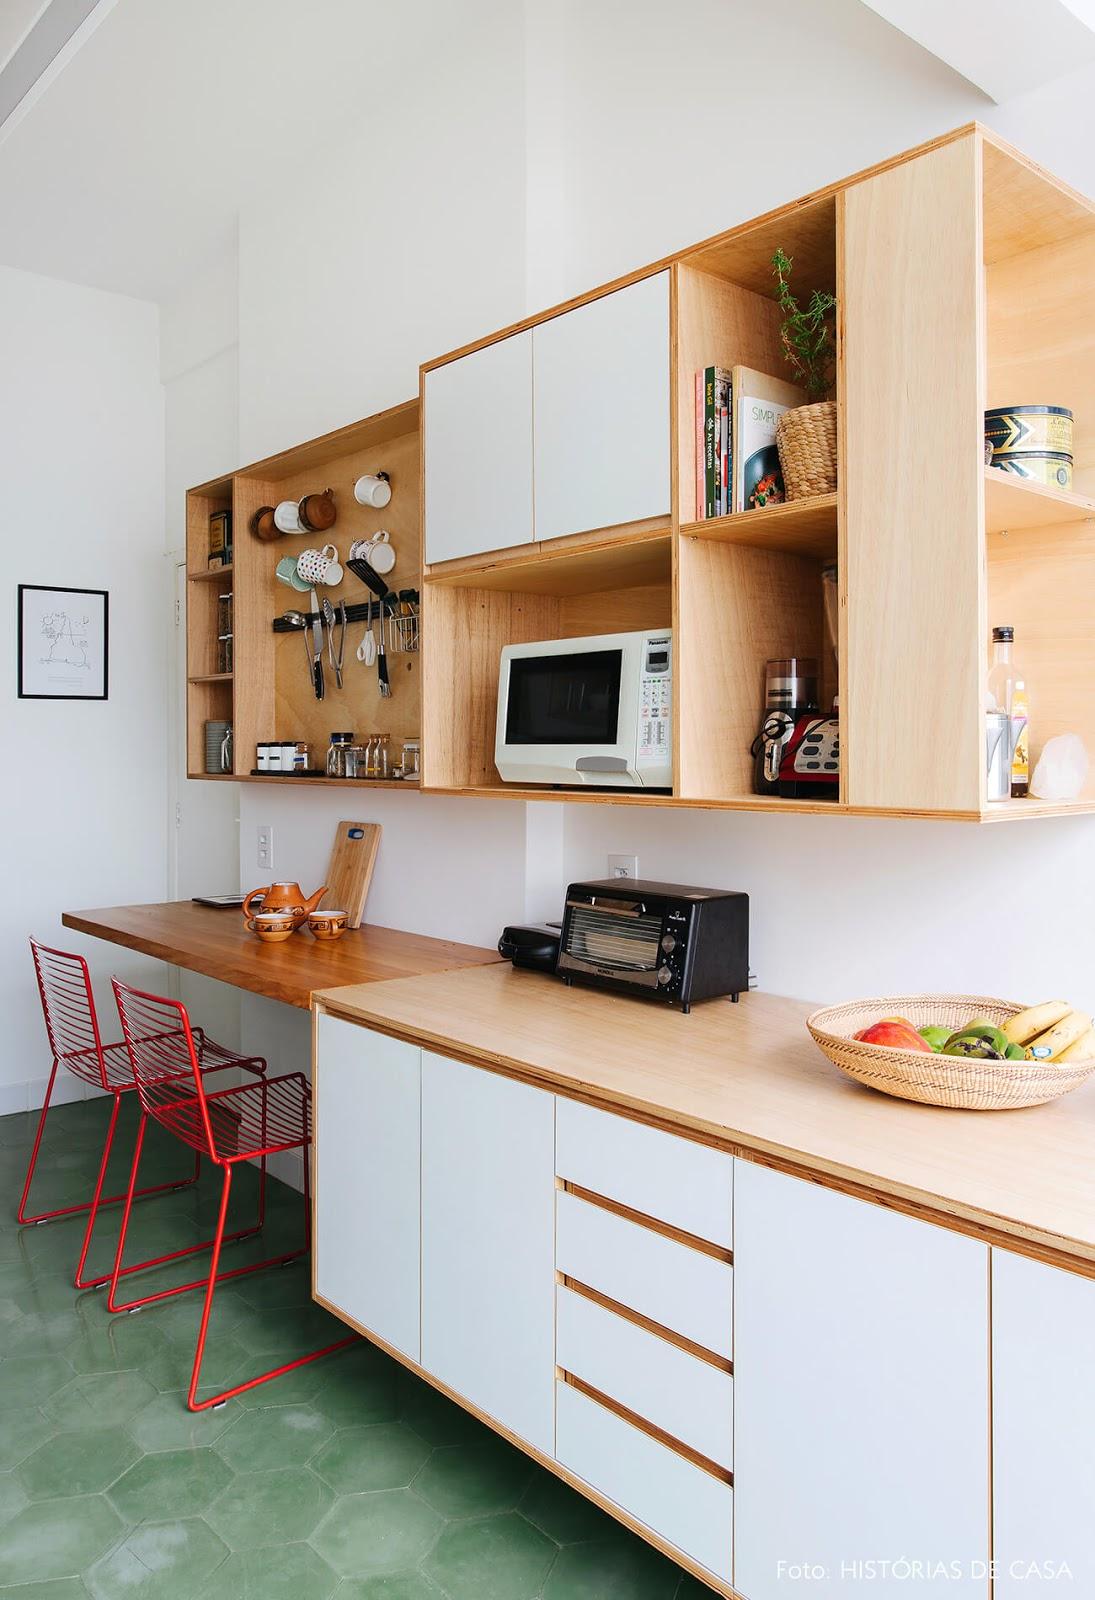 cozinha piso revestimento hexagonal verde